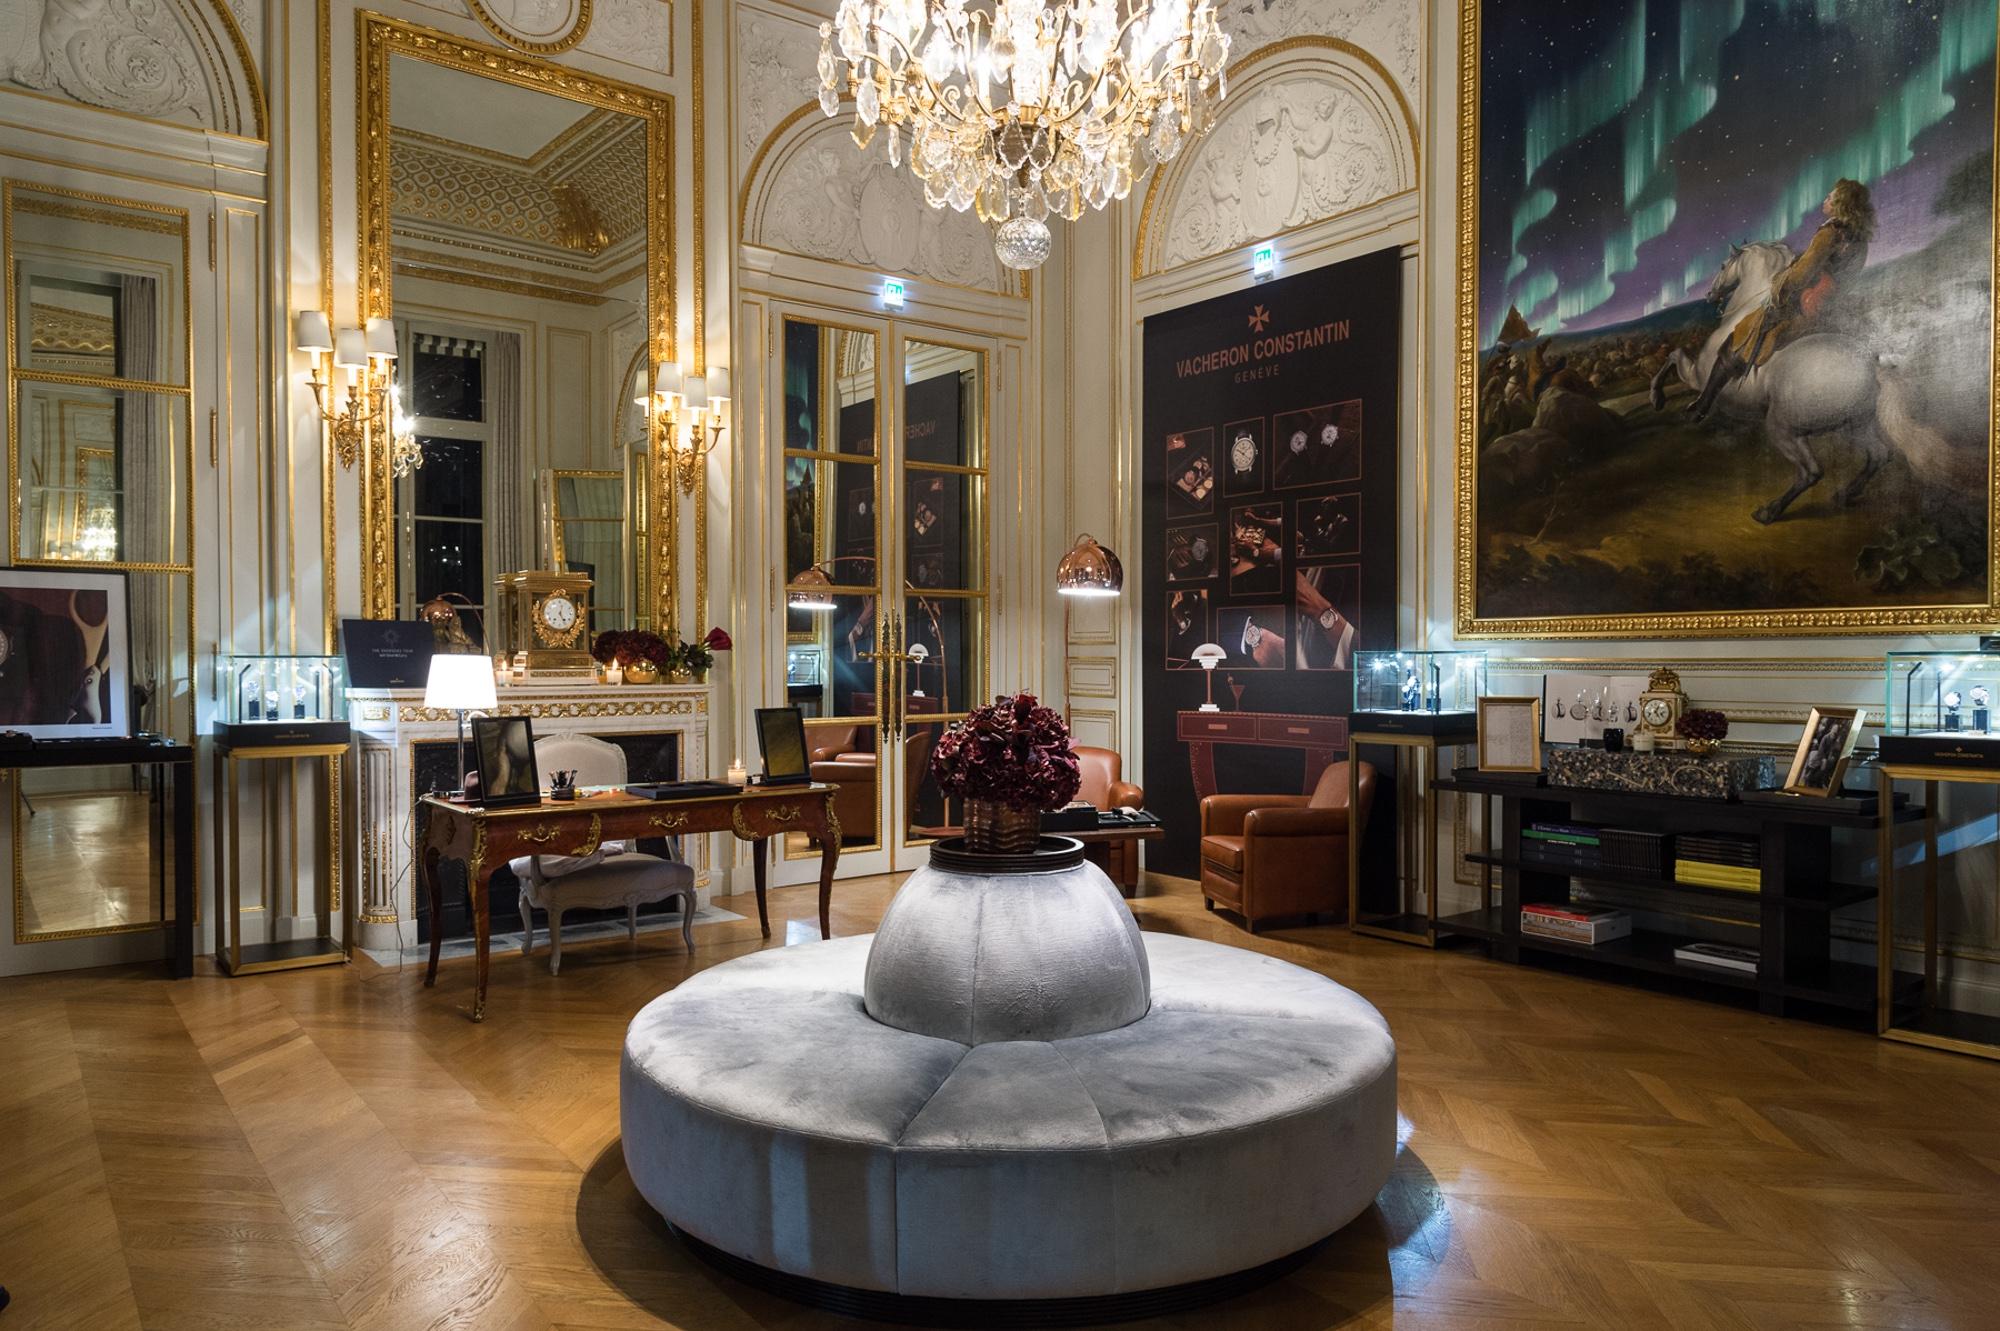 Vacheron Constantin Historiques Forme a cuscino, tripla godronatura e ispirazione dagli anni '20 e '40